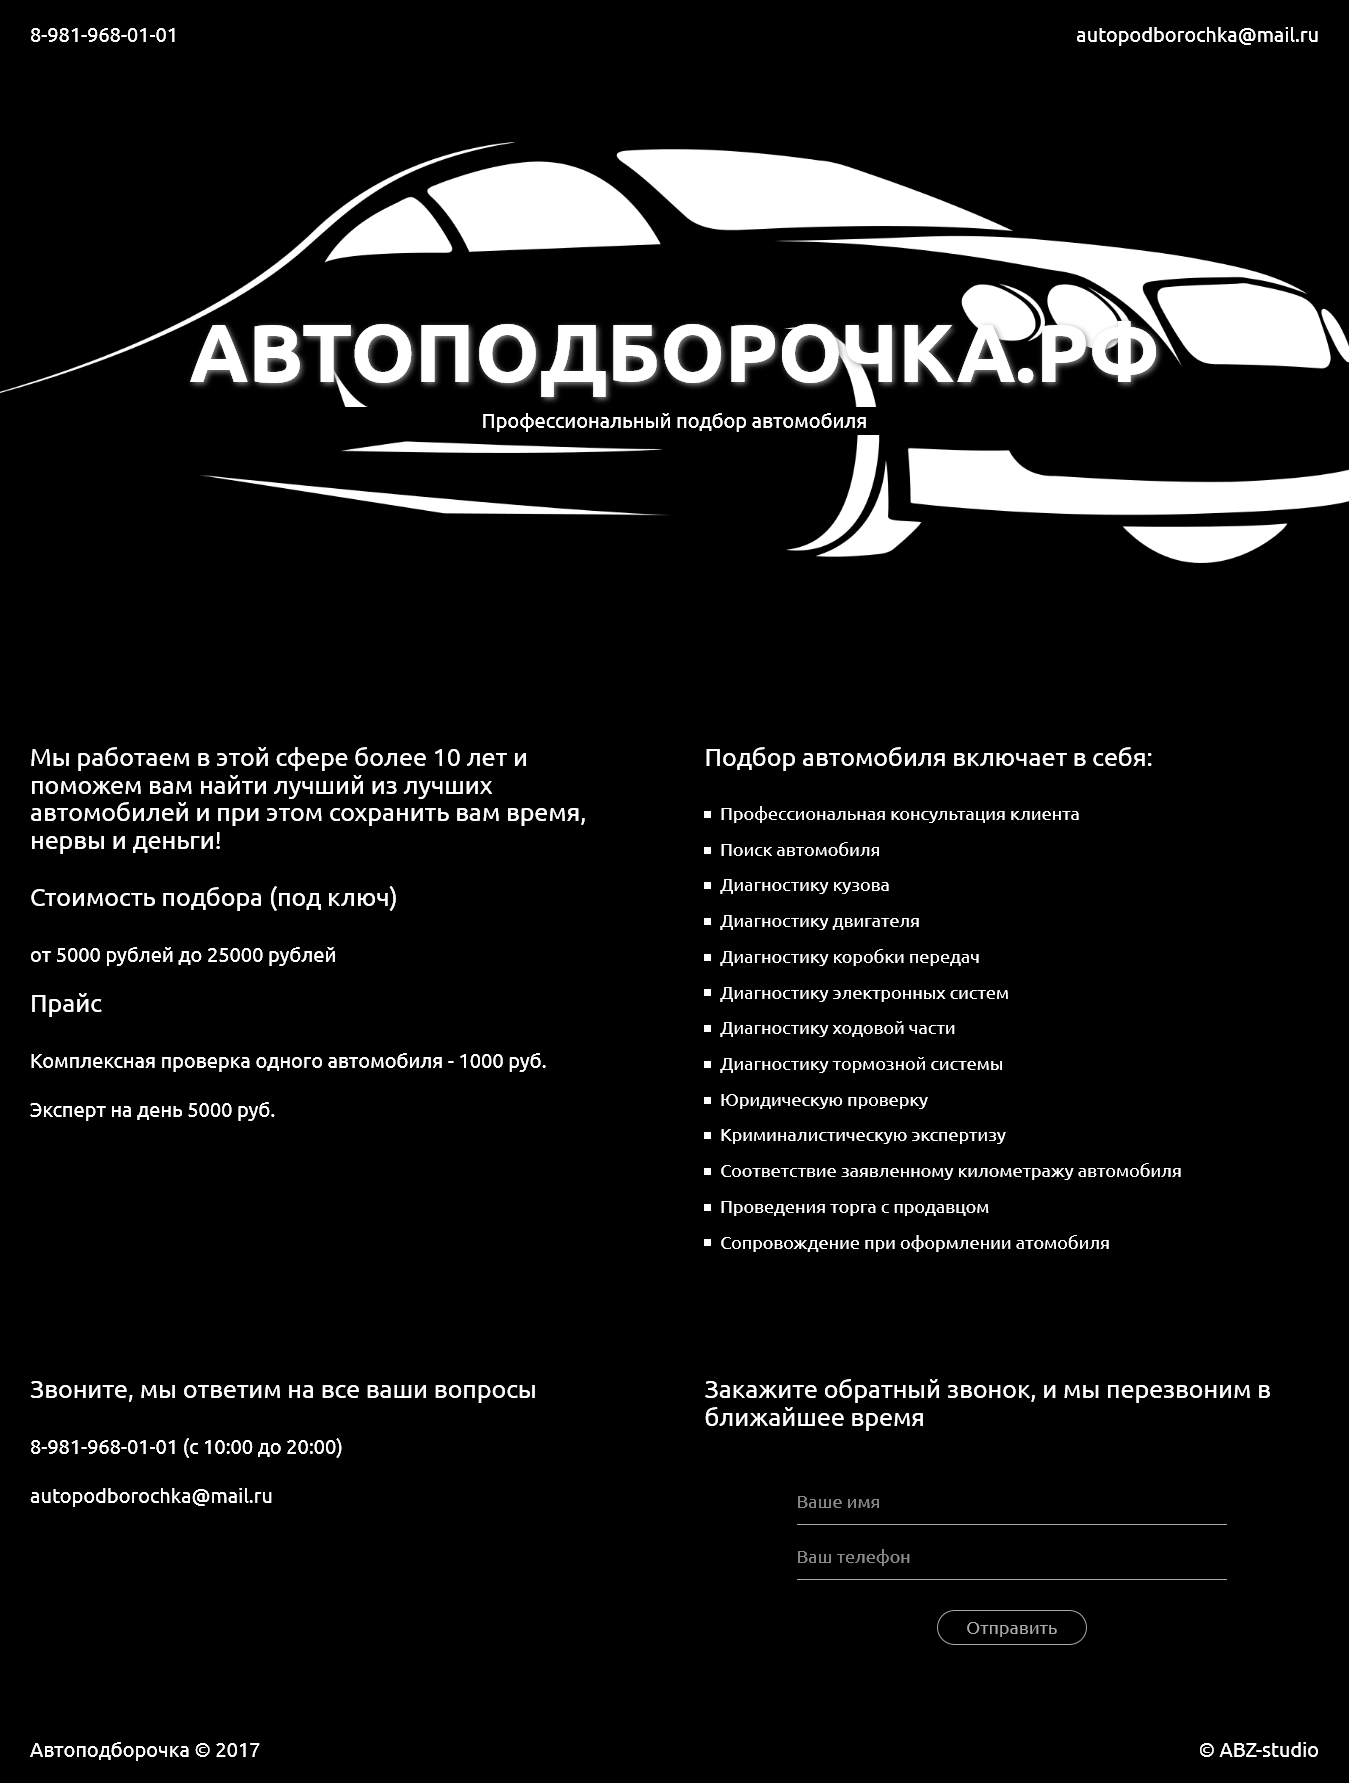 редизайн сайта пример До